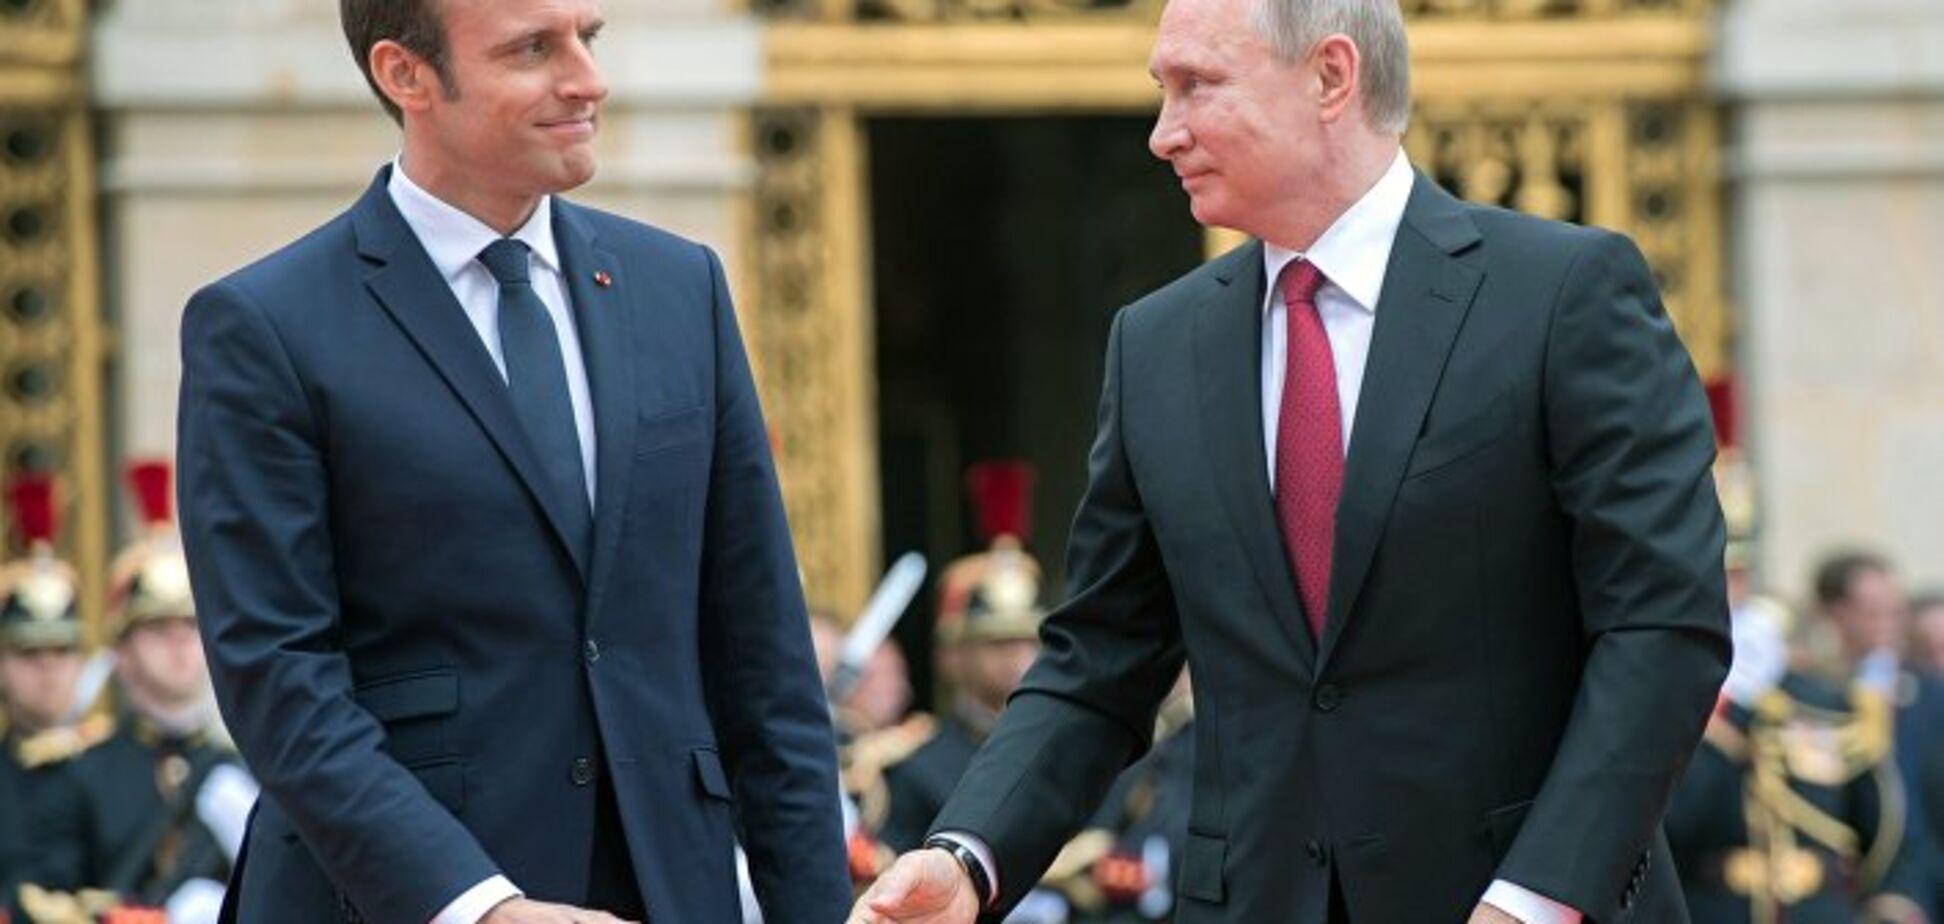 Поедает взглядом: странная реакция Путина на Макрона озадачила сеть. Фотофакт